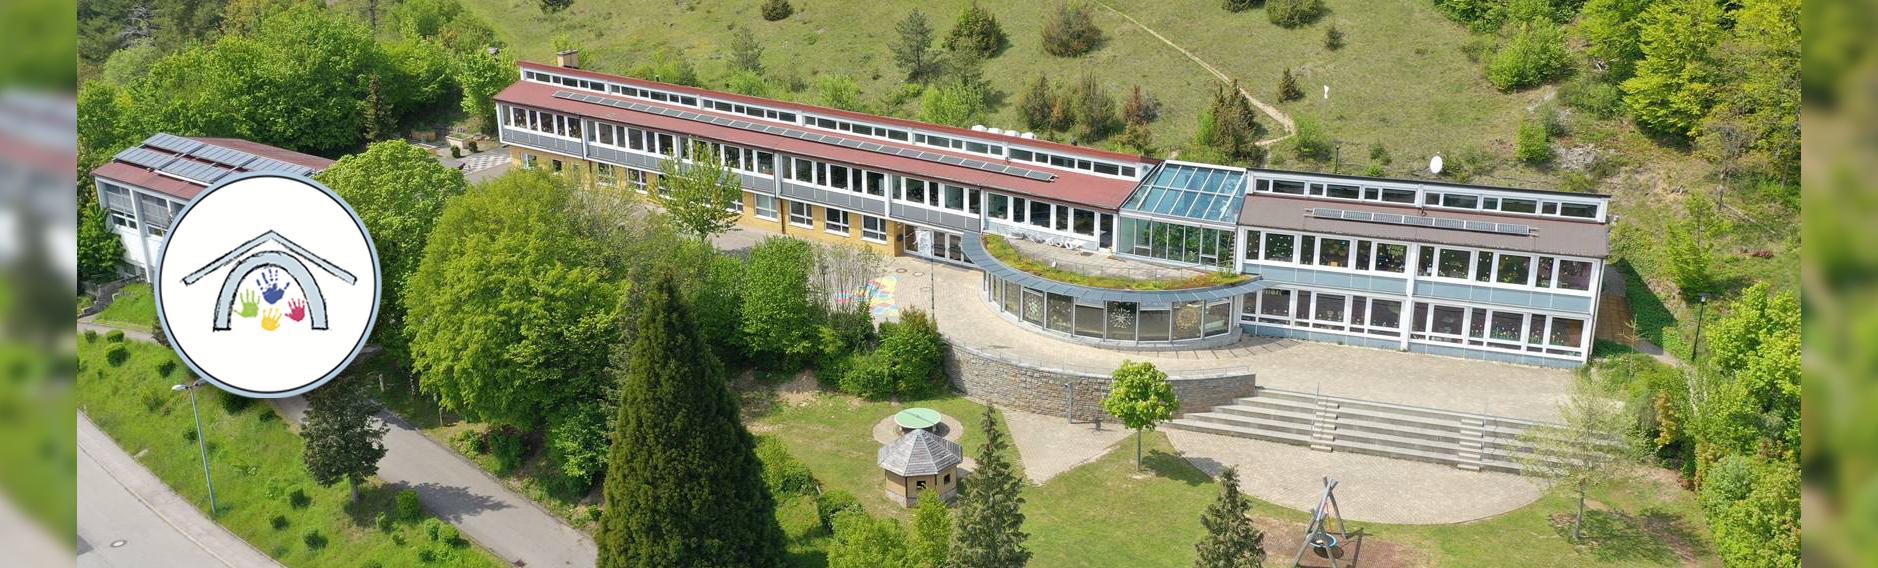 Schallenbergschule Deufringen